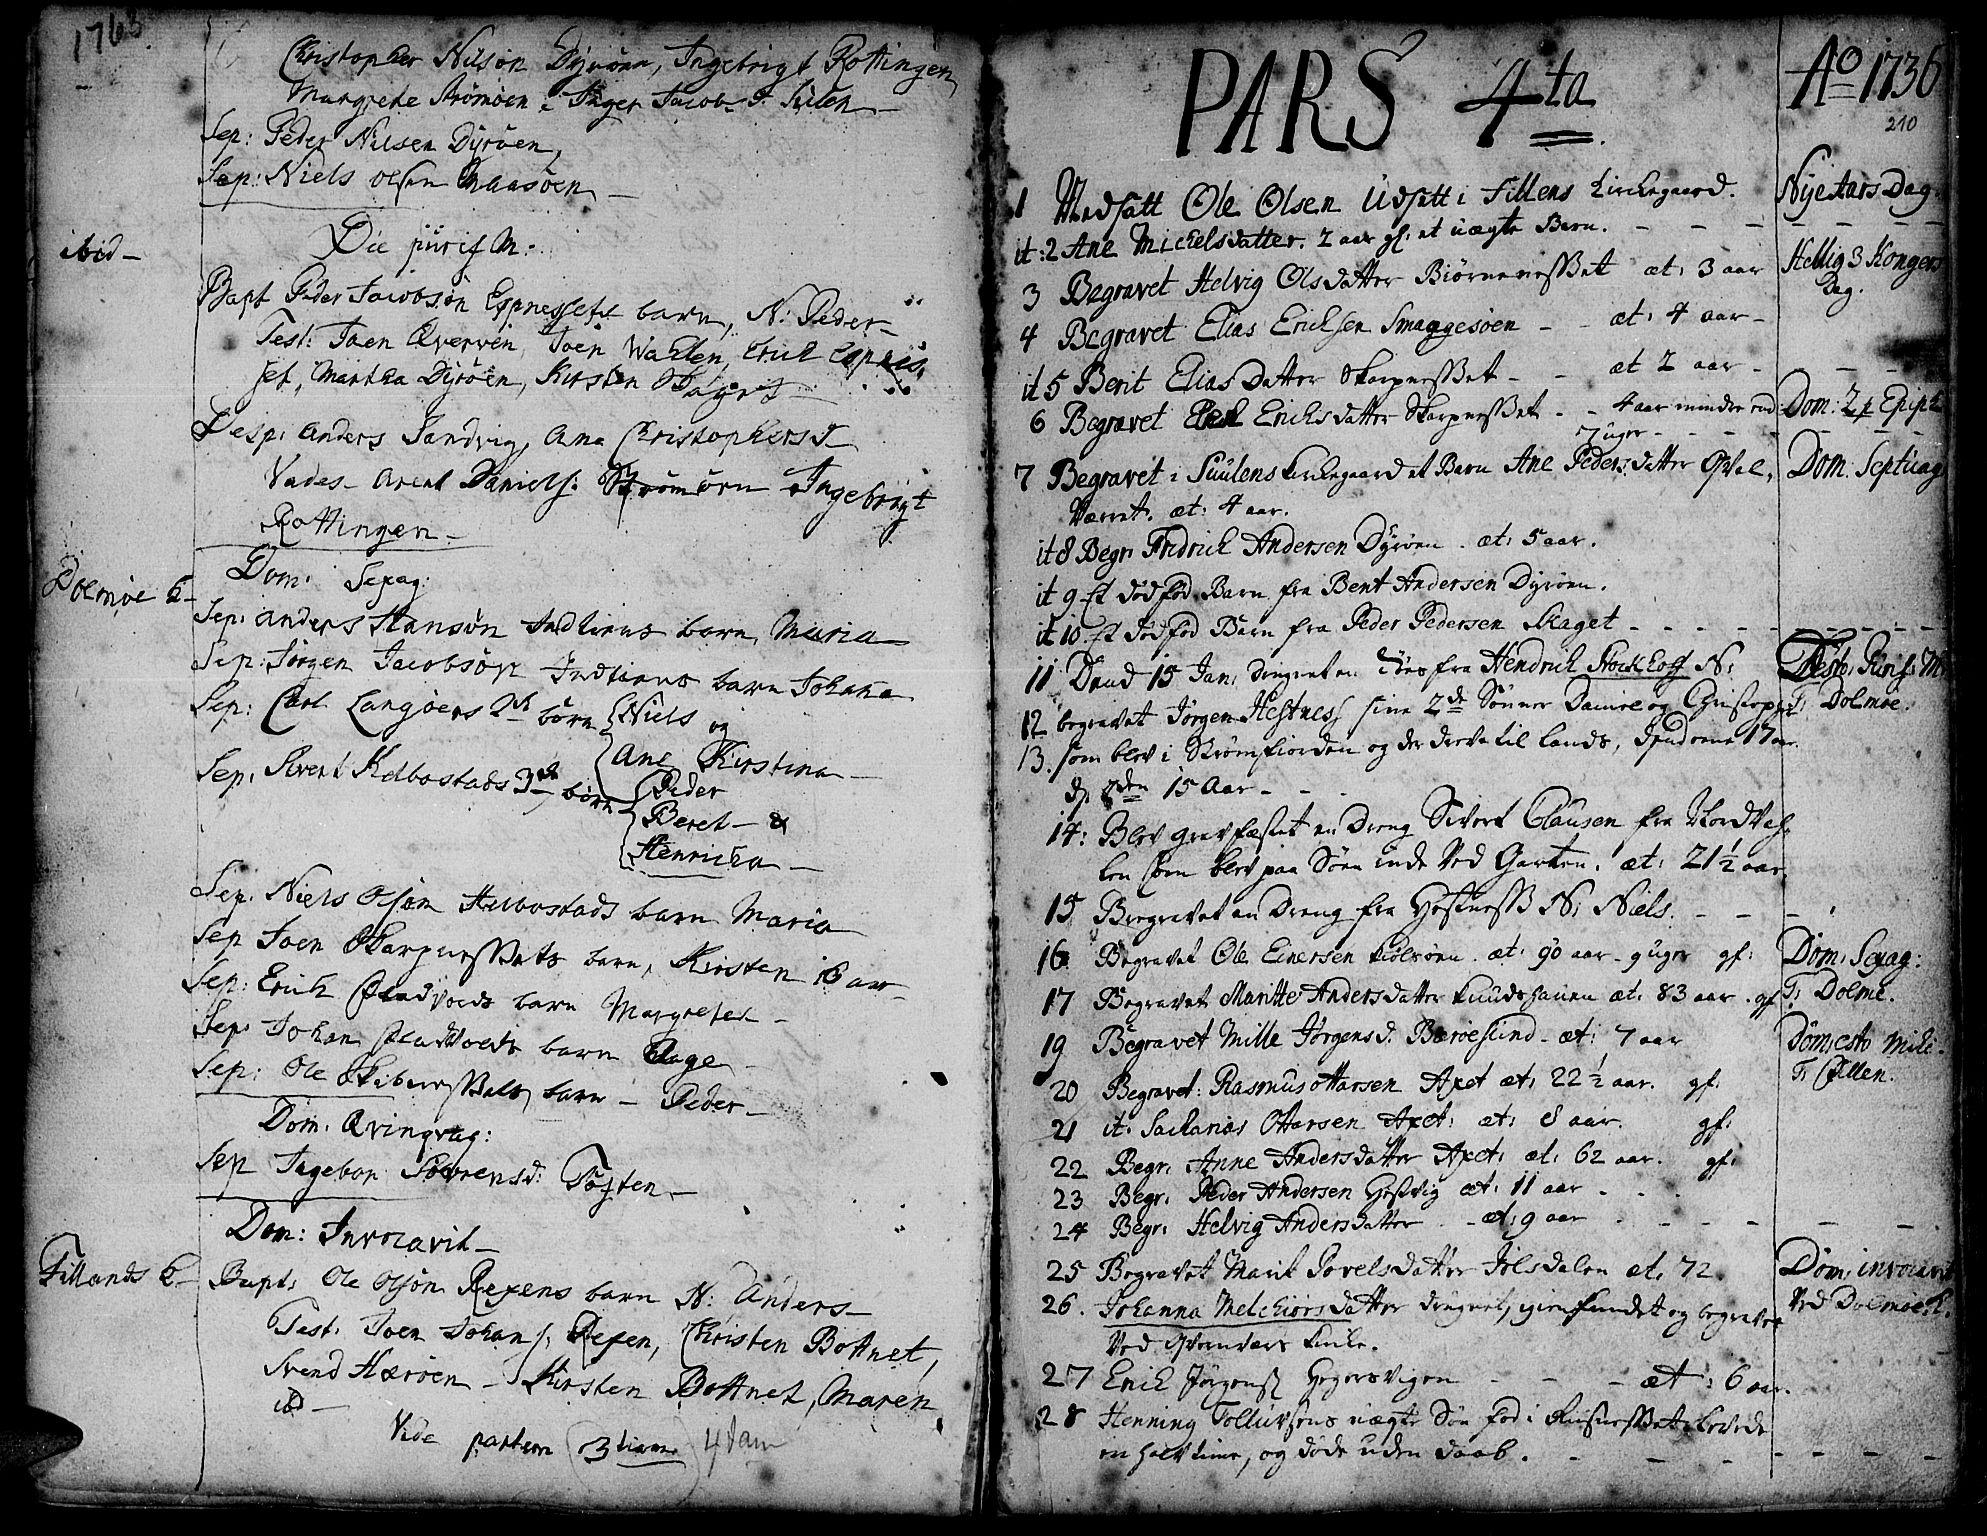 SAT, Ministerialprotokoller, klokkerbøker og fødselsregistre - Sør-Trøndelag, 634/L0525: Ministerialbok nr. 634A01, 1736-1775, s. 210